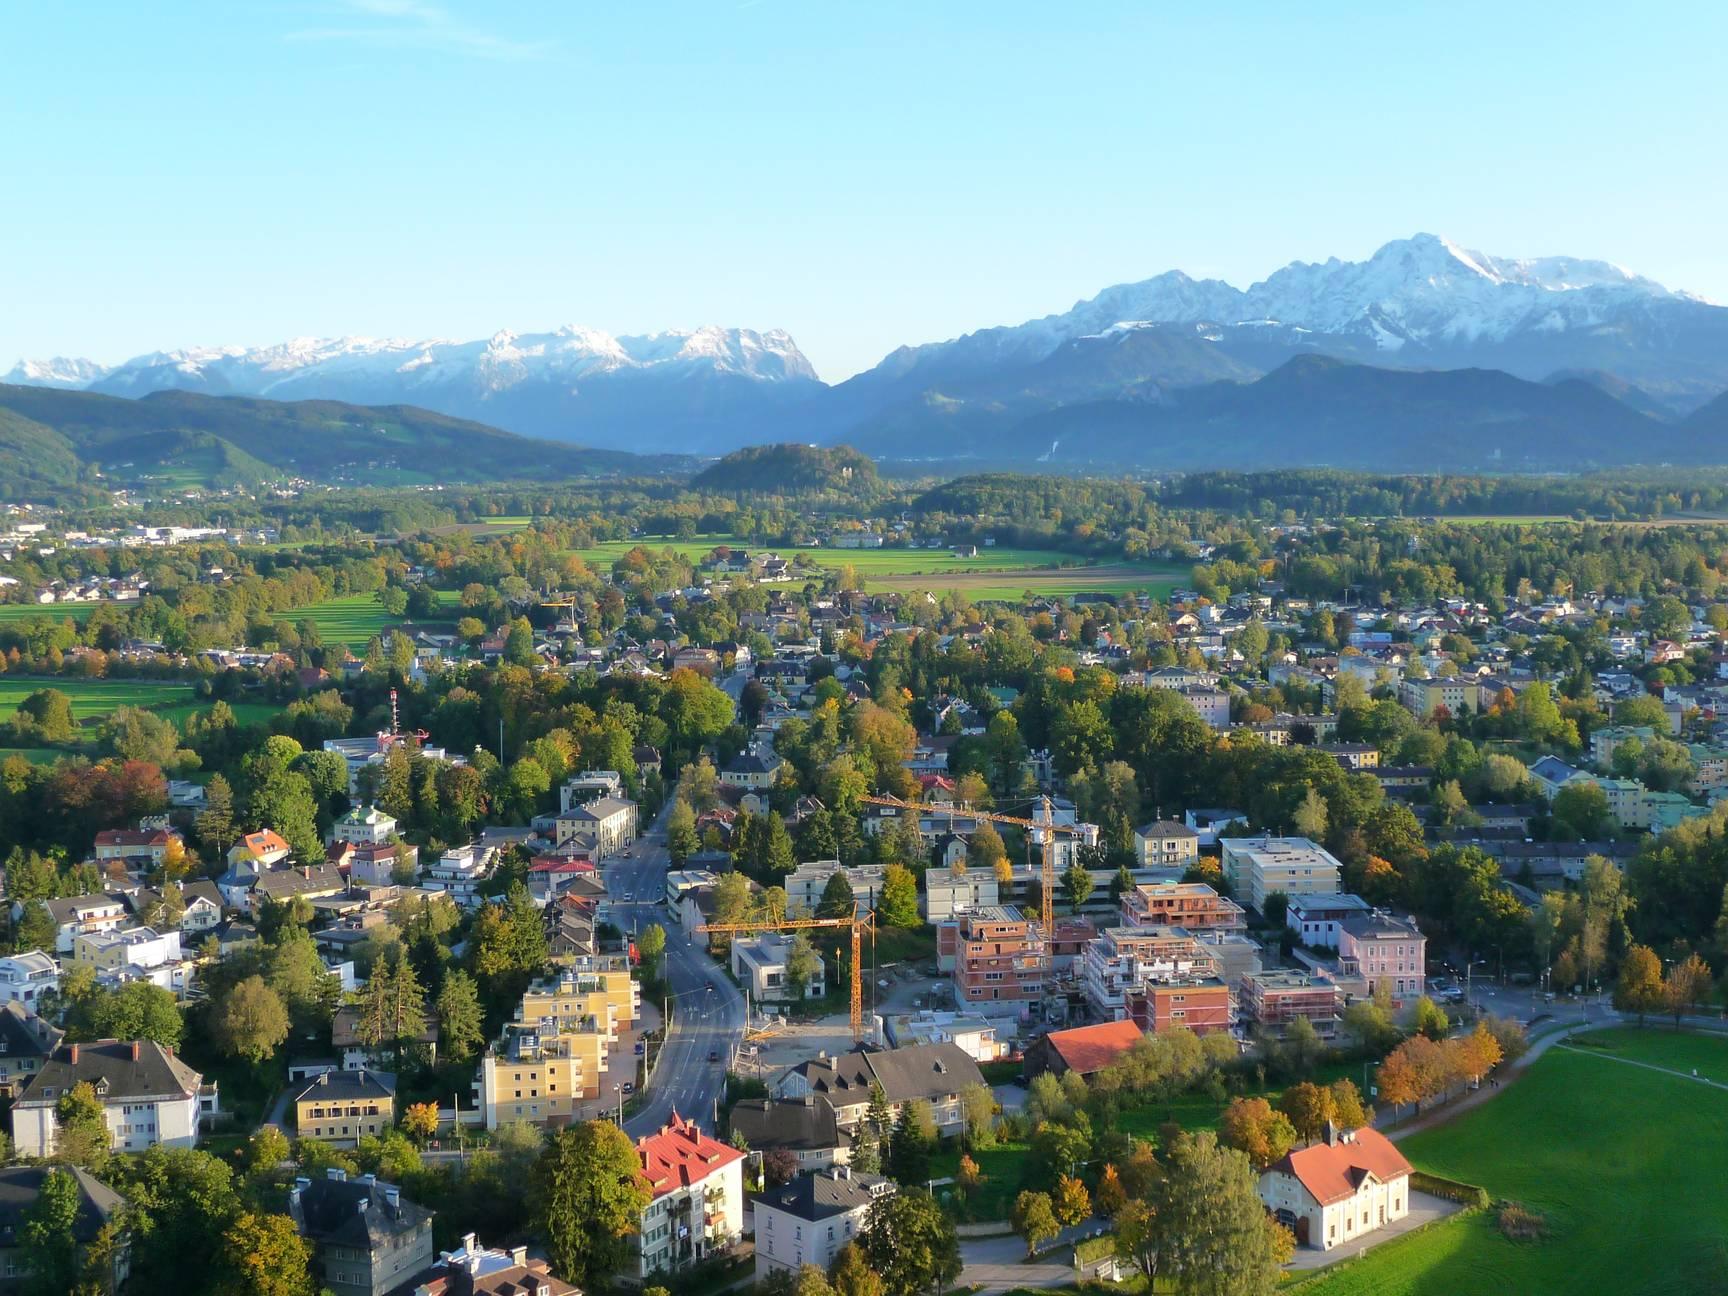 Выложили немного фоток из Австрии